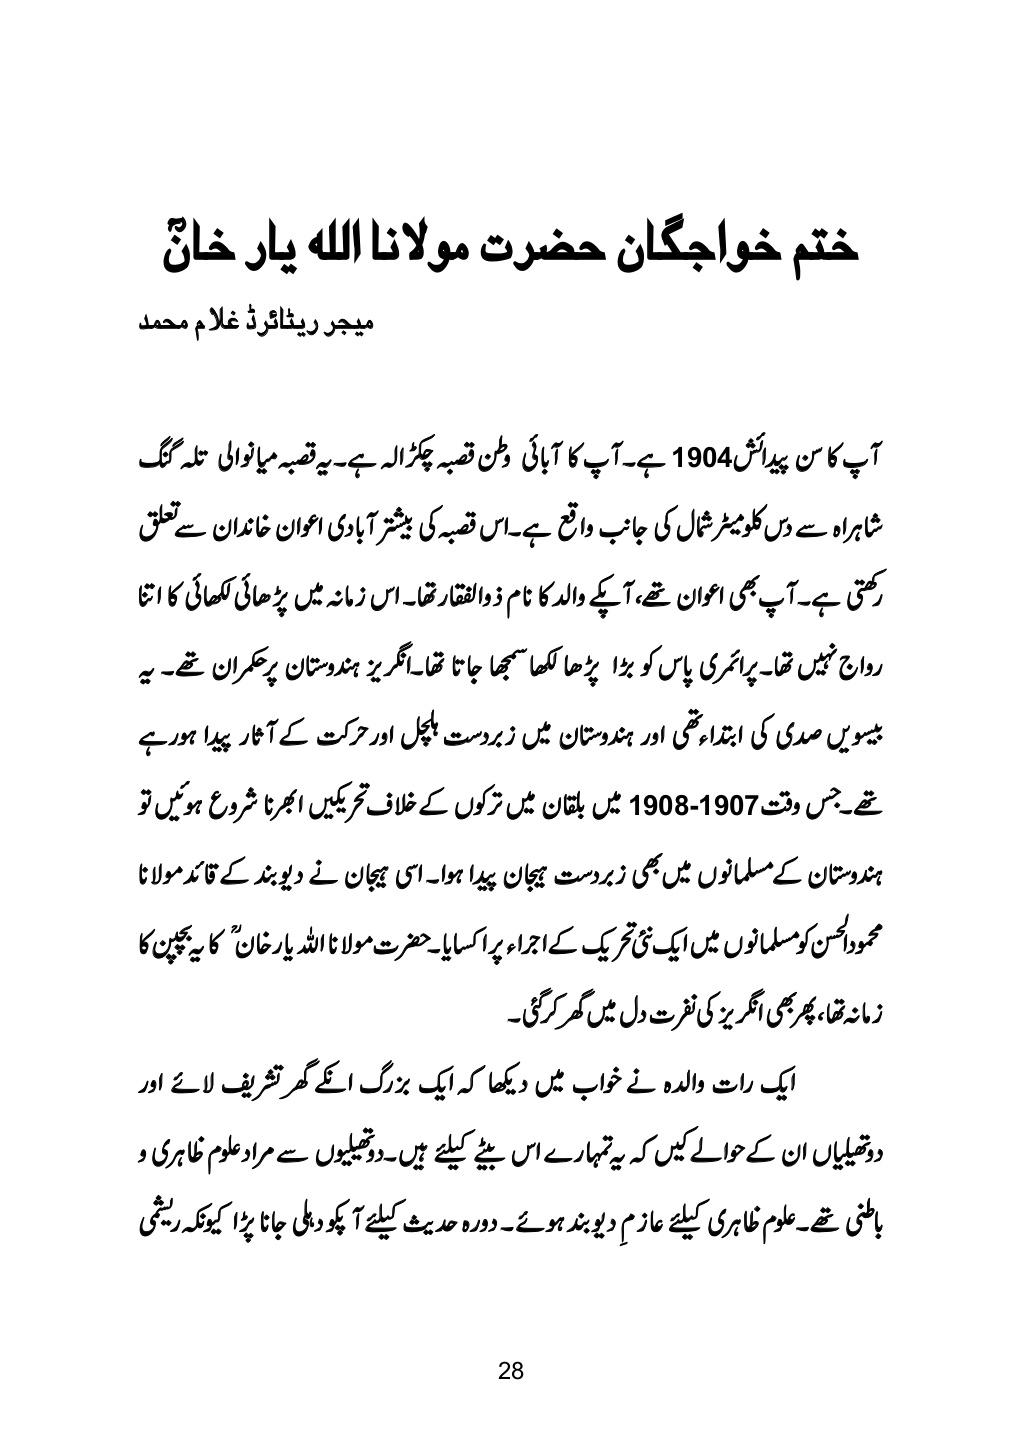 murshad-jaisa-na-daikha-koi-by-major-ghulam-muhammad-30-1024